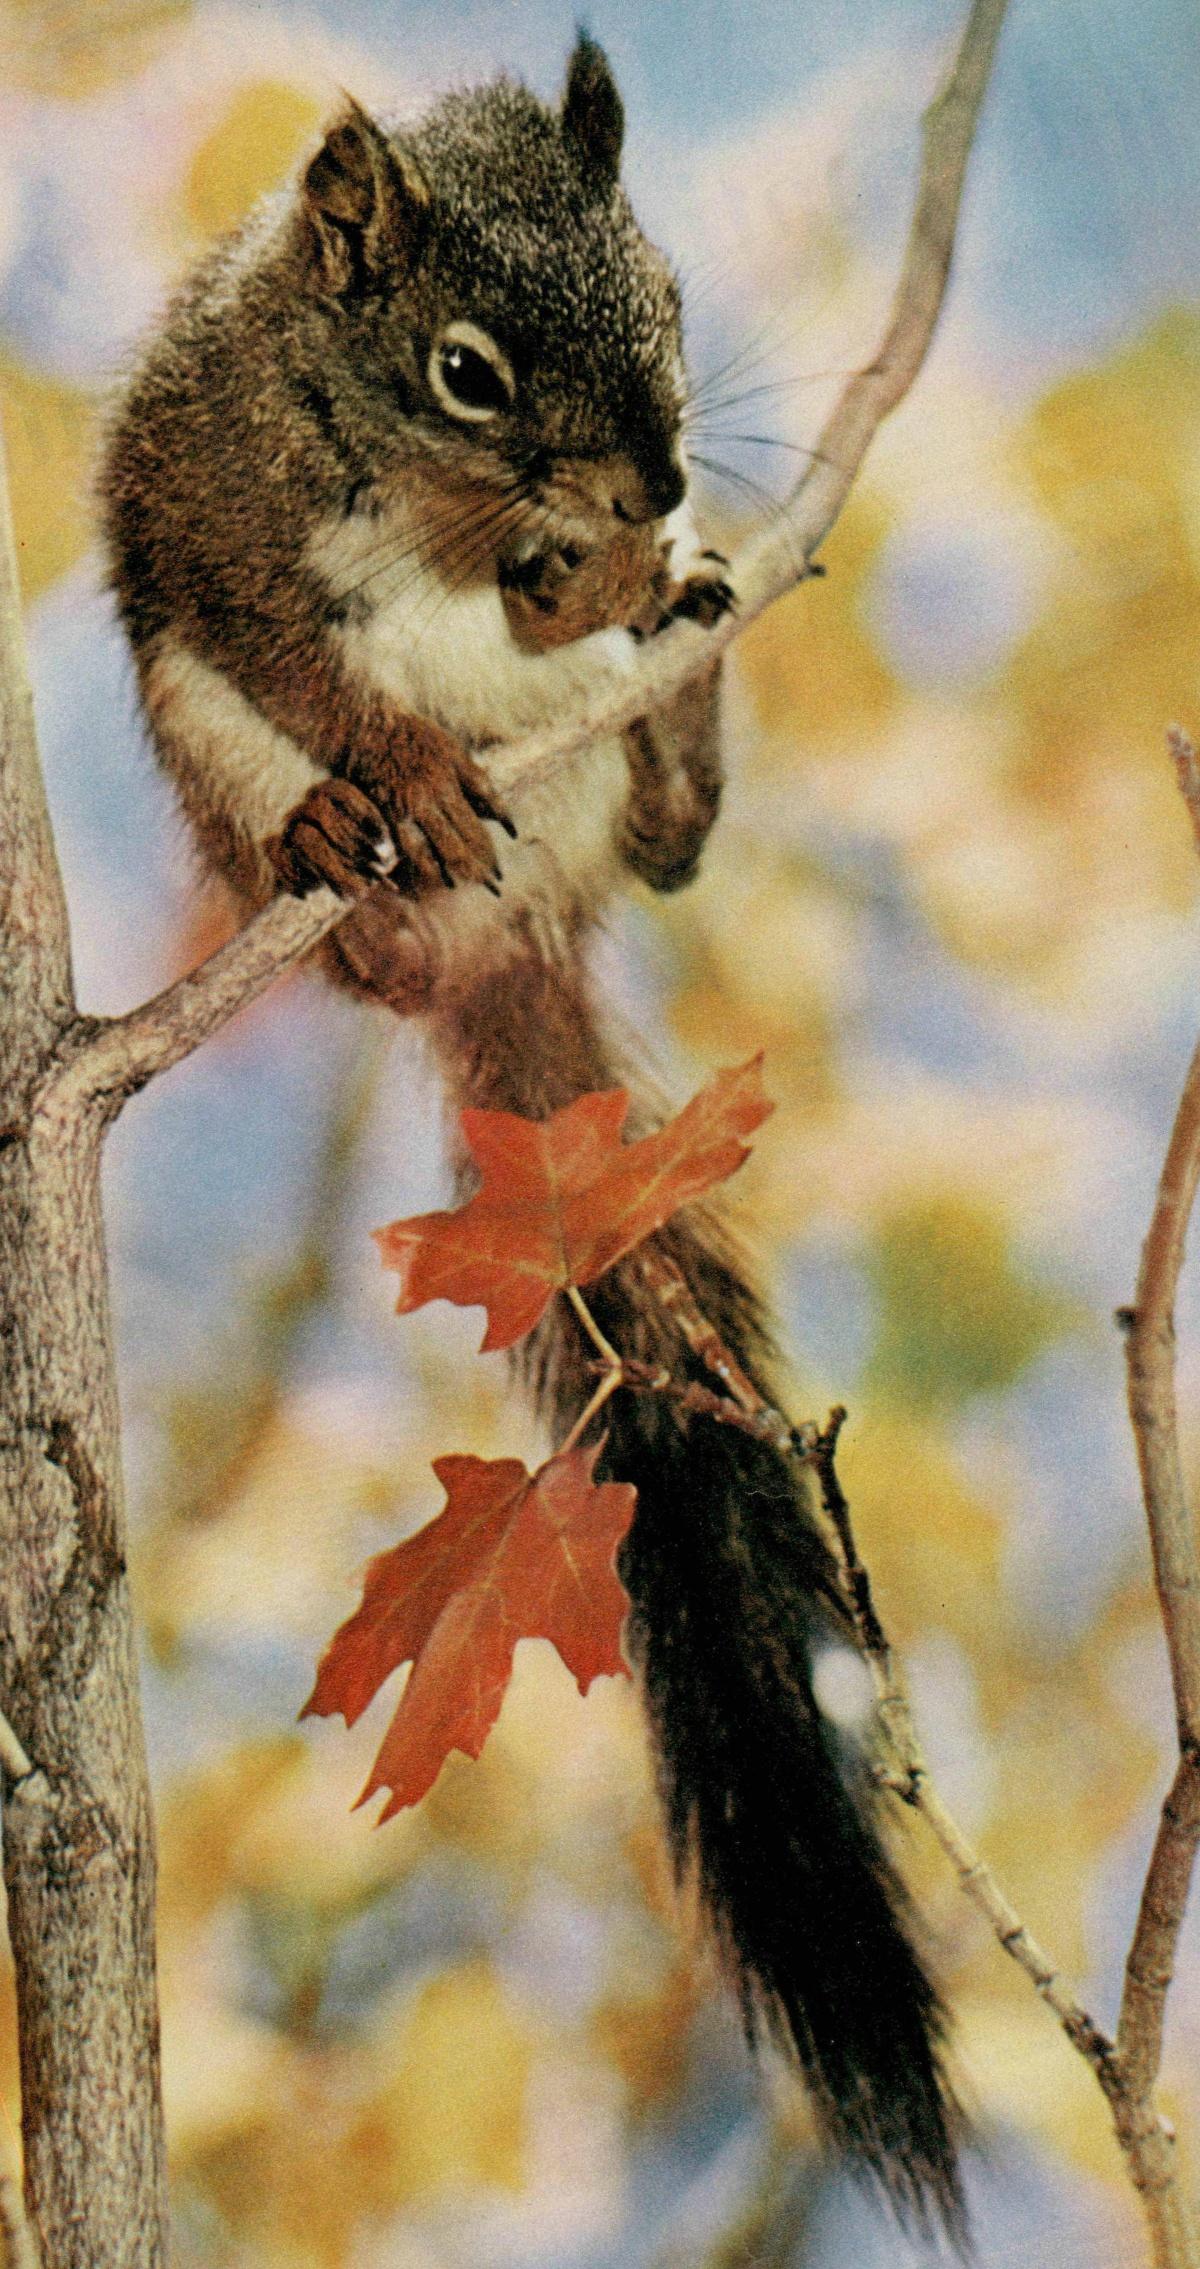 Un écureuil en automne... Cité de la page de couverture de la revue Radio Je vois tout Télévision du 20 mars 1959, No 12